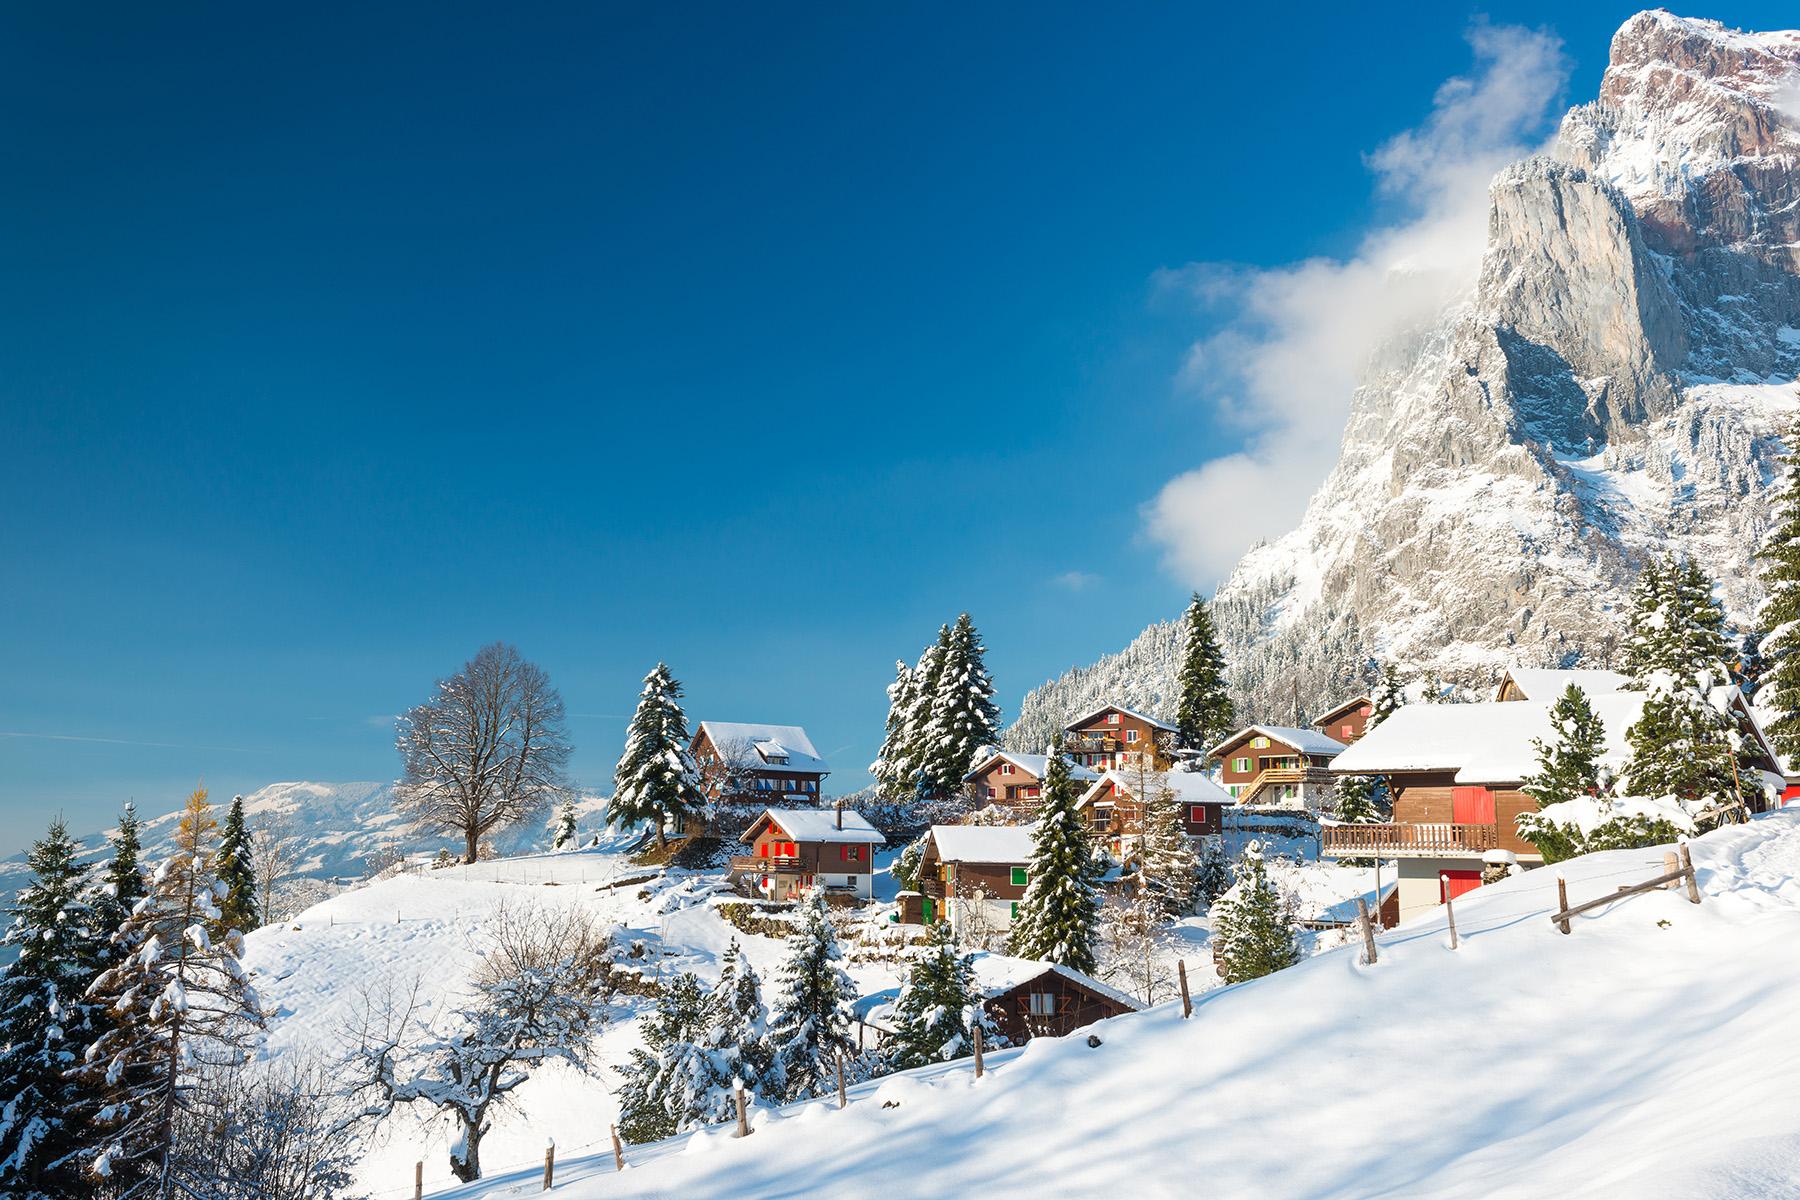 Snowy village in Switzerland